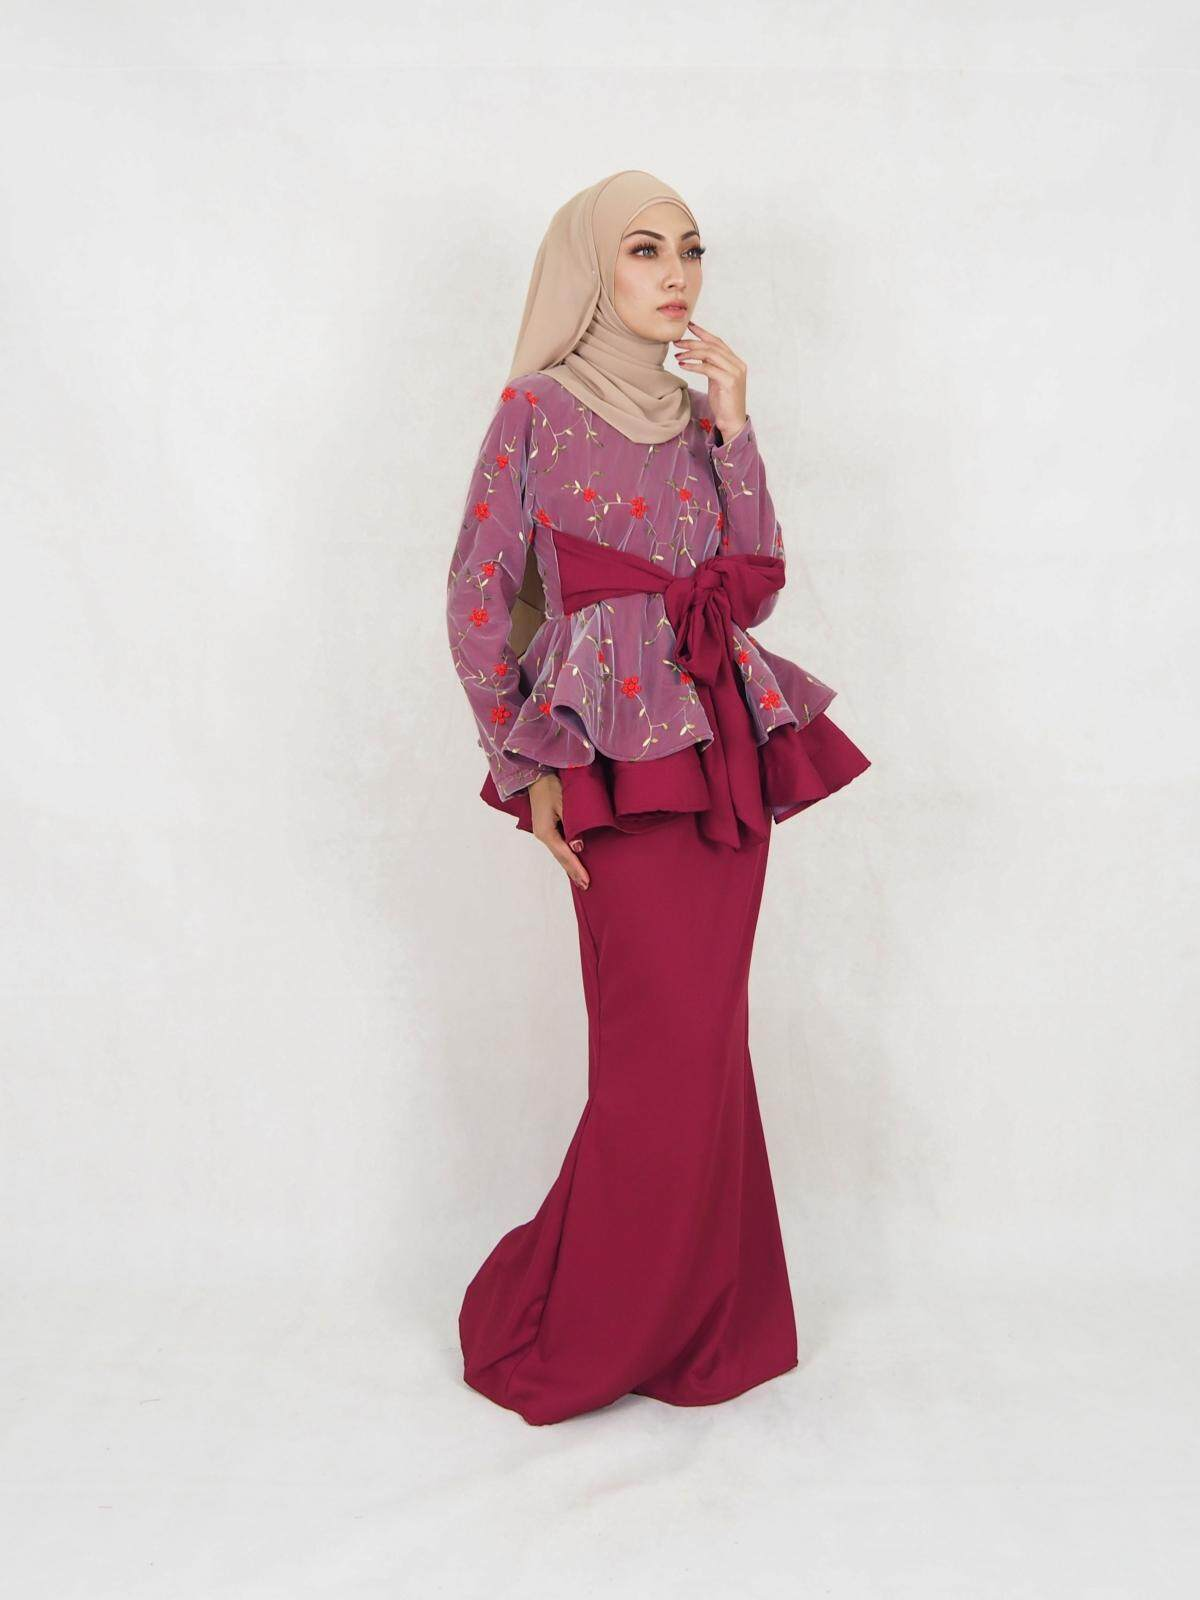 Anisa Peplum Rose Net Baju Kurung / Muslimah Rose Net Baju Kurung / Muslim Women Fashion Net Baju Kurung (XXS-XL) / Nikah Baju Kurung / Moden Baju Kurng 2020 / Murah / Ship from Malaysia / Hot Product